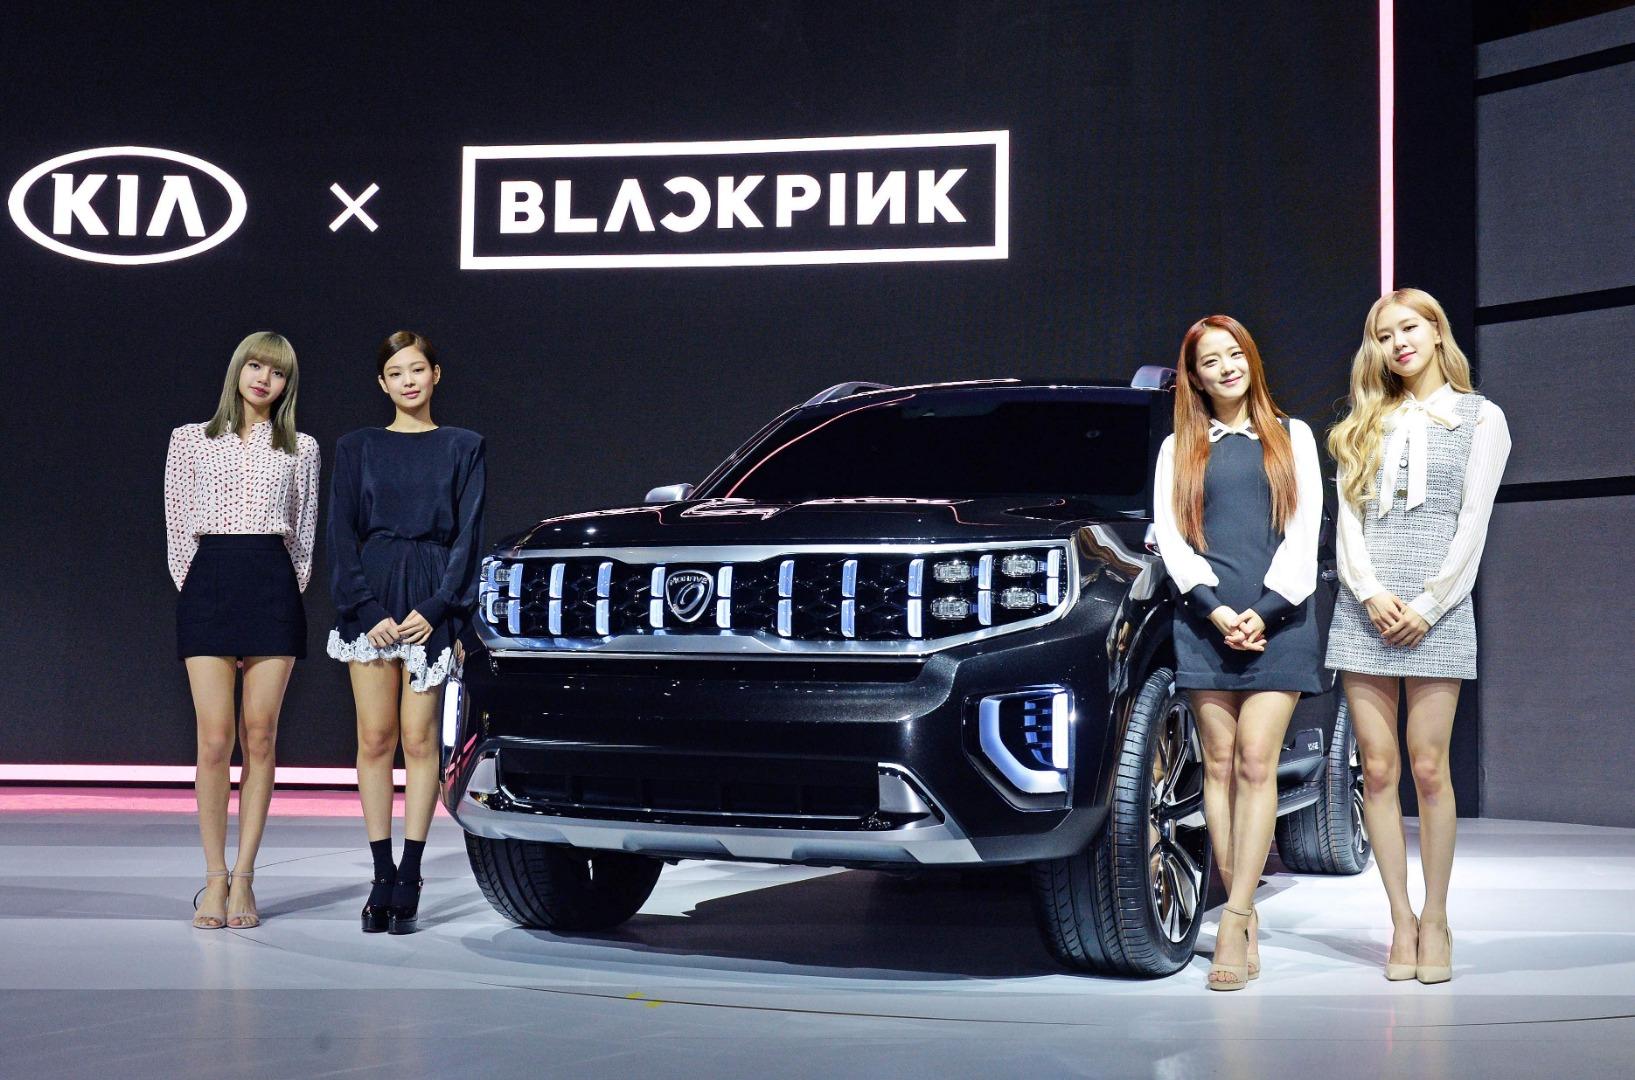 Los nuevos SUV Kia Masterpiece y SP Signature, en fotos